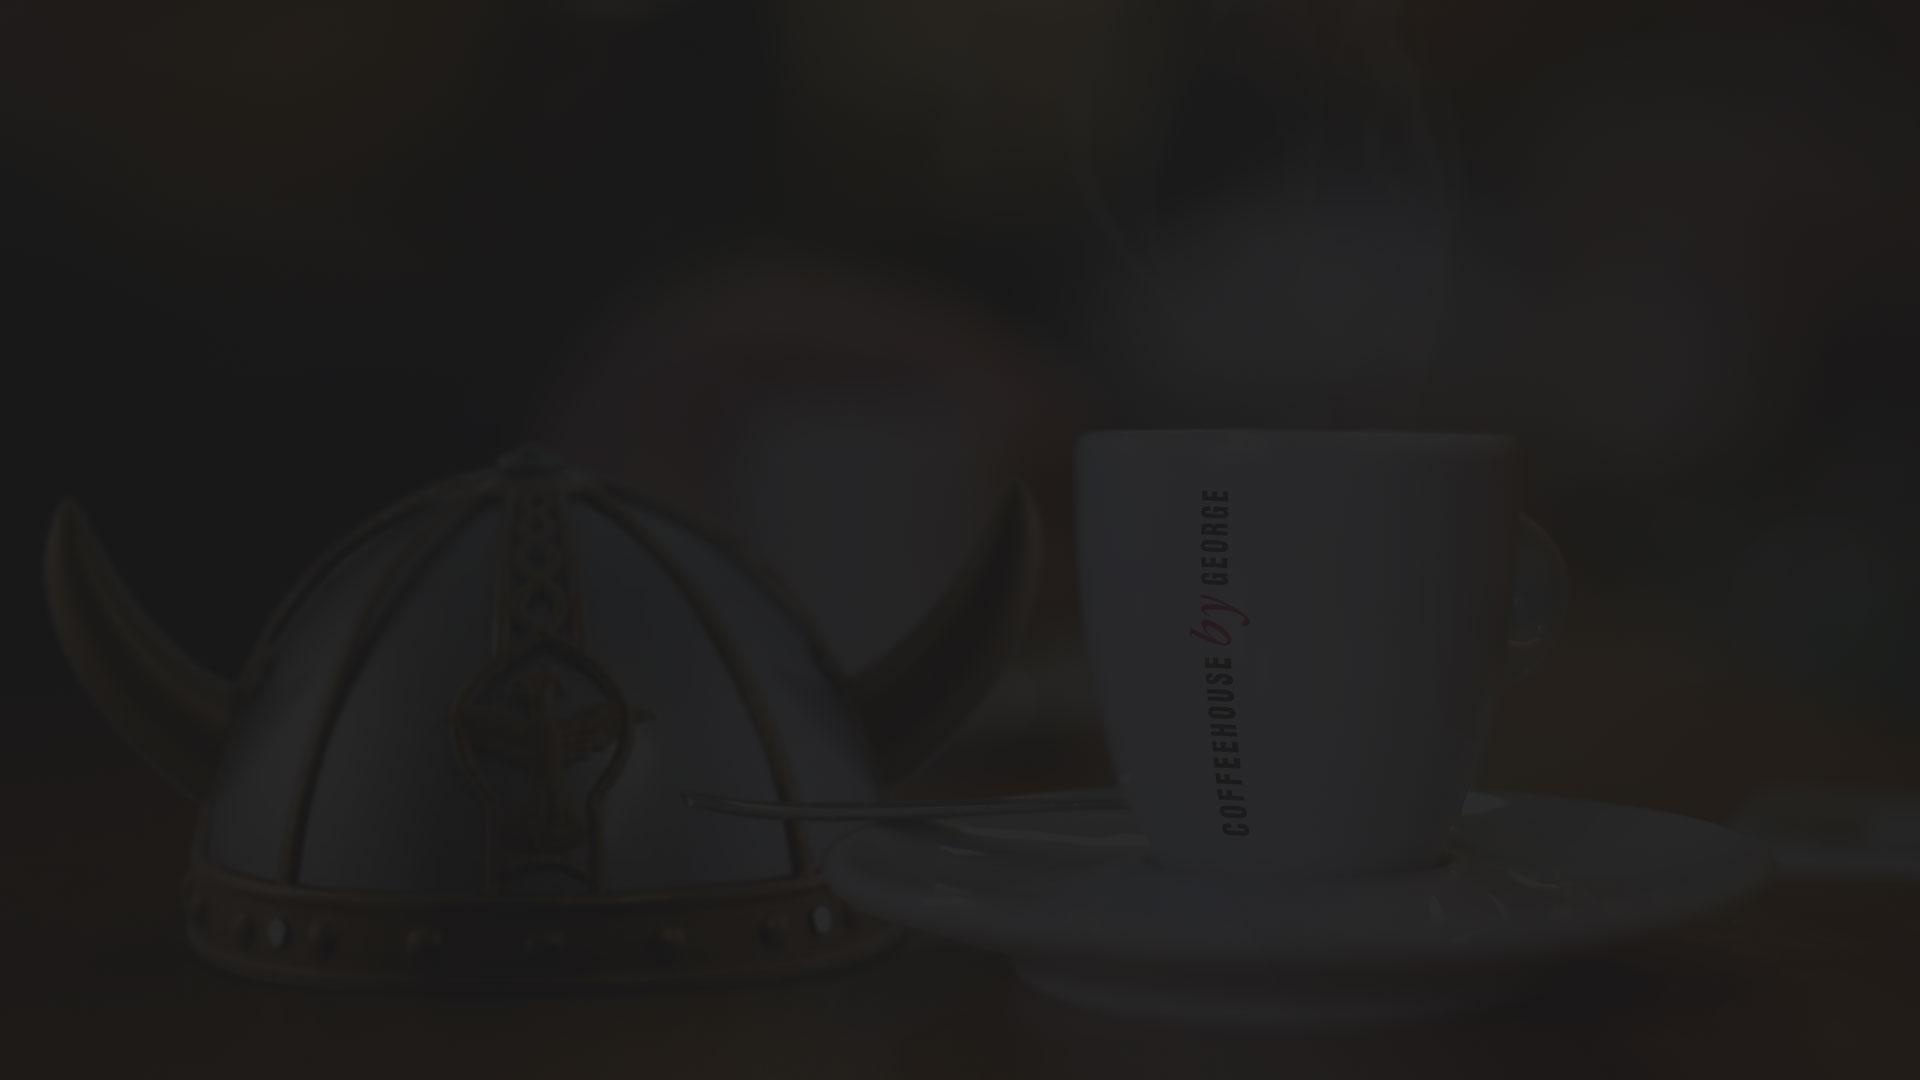 کلاه خود و فنجان قهوه- آژانس تبلیغات کربن-تبلیغات دیجیتال- دیجیتال